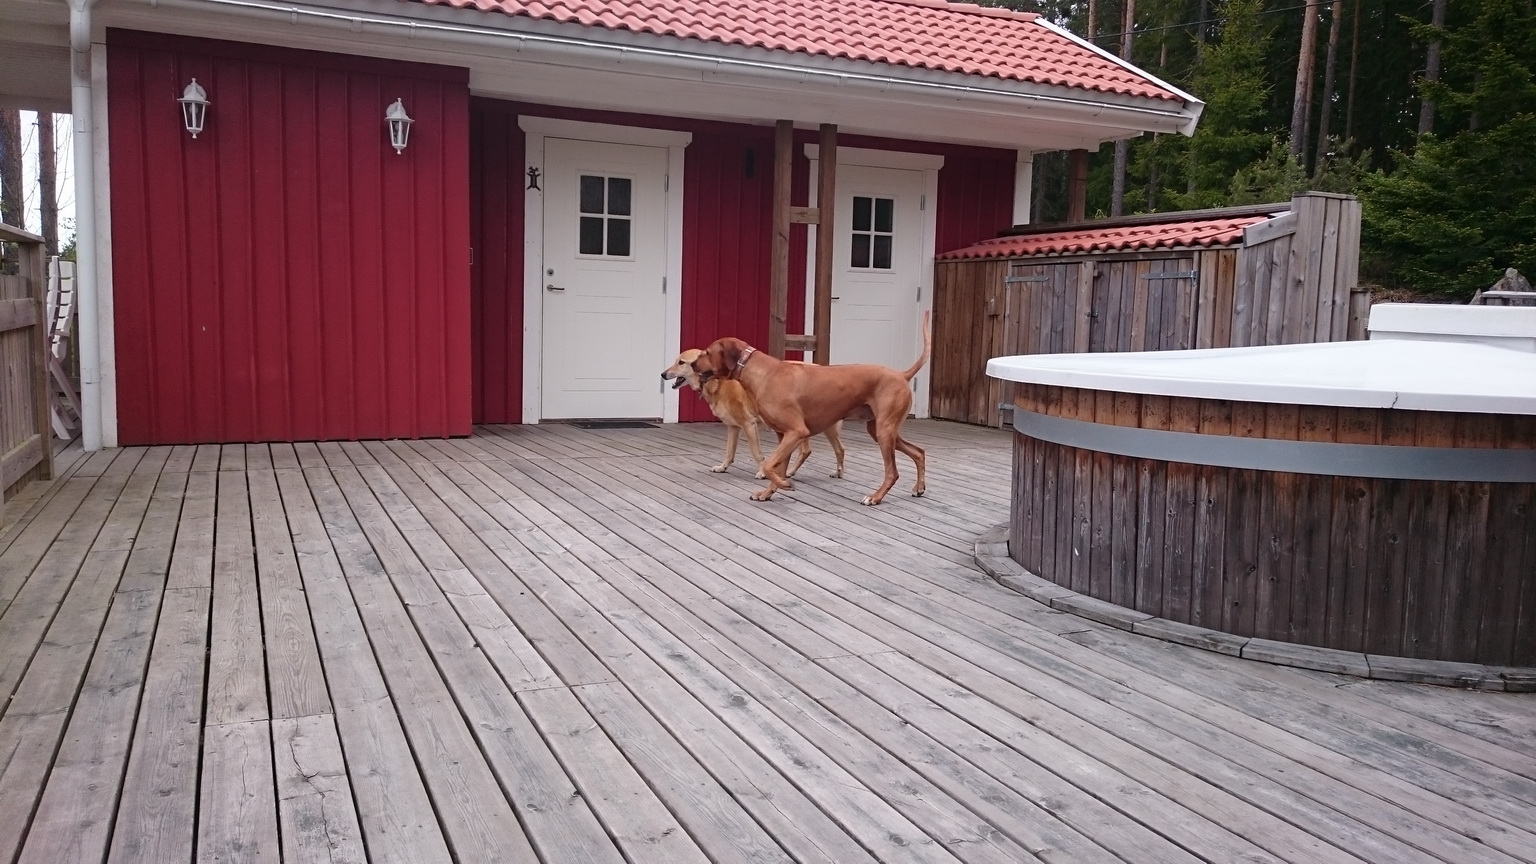 Die Hunde können auf der großen Terrasse spielen